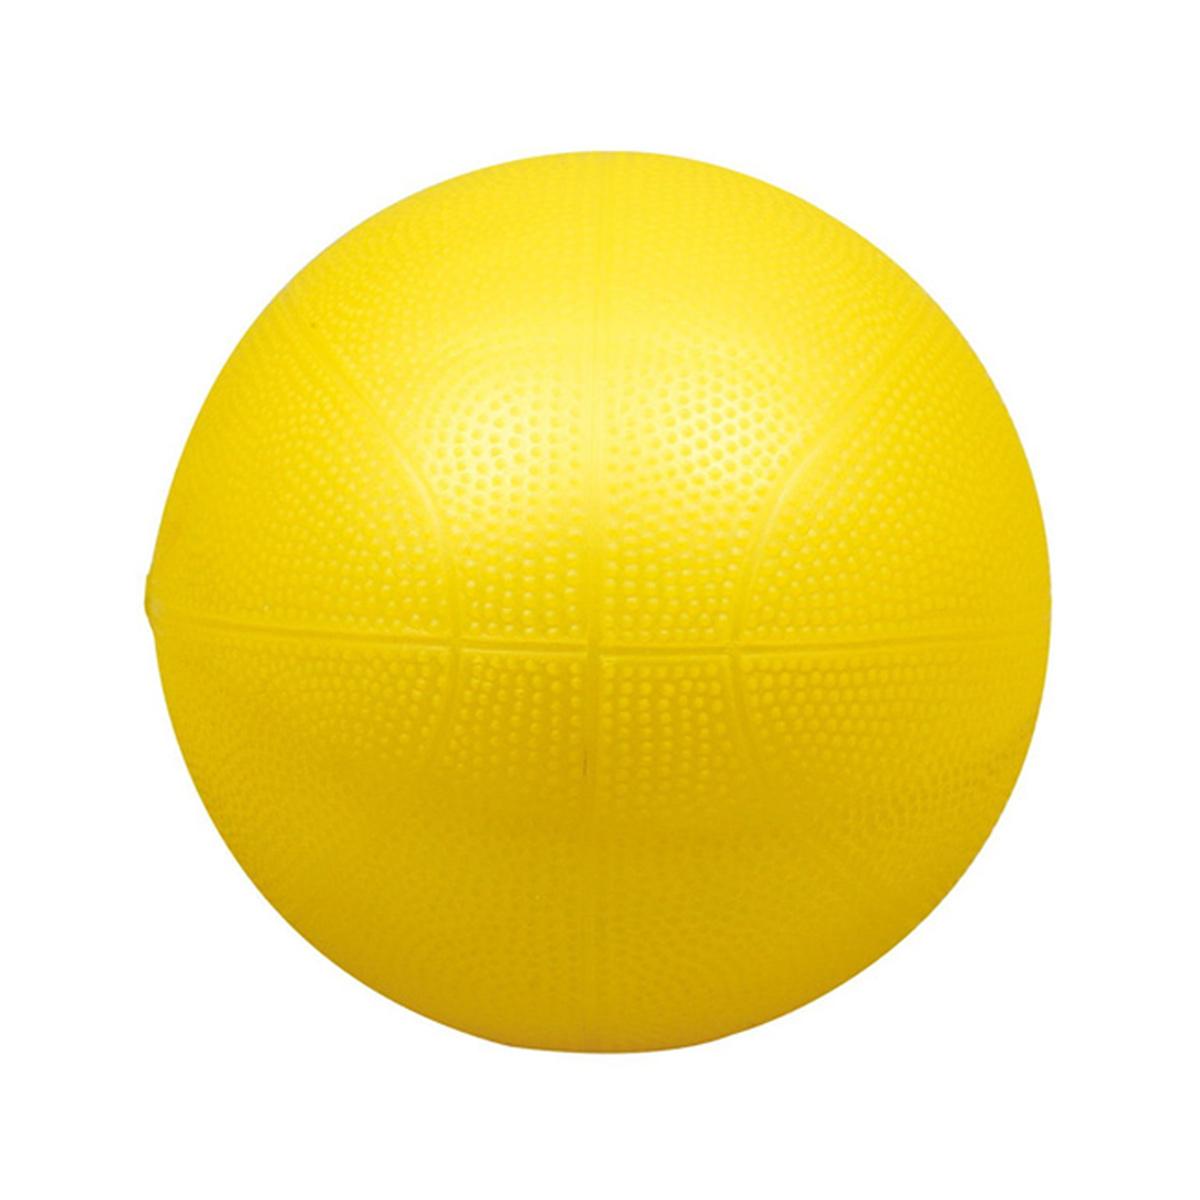 カラーボール 約17cmφ おもちゃ 子供 外遊び 室内 ボール 幼児 キッズ 玩具 無地 男の子 女の子 クリスマスプレゼント